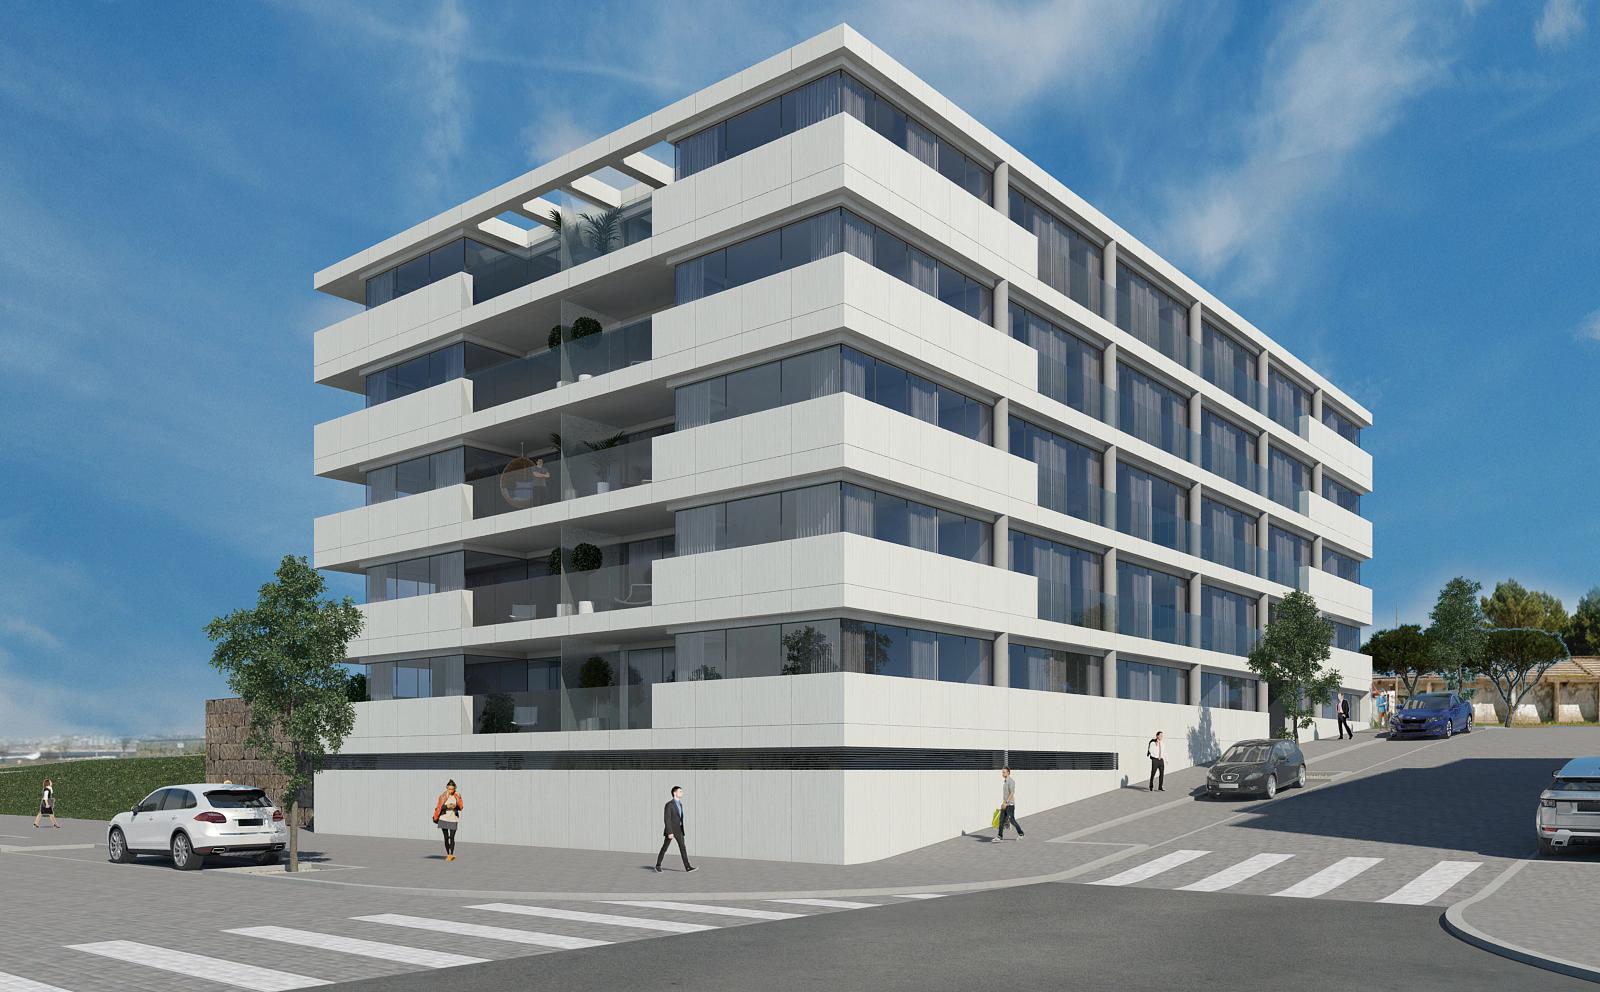 Edifício Douro Atlântico I – apartamentos T1, T2, T3 e T4, em Canidelo, Vila Nova de Gaia